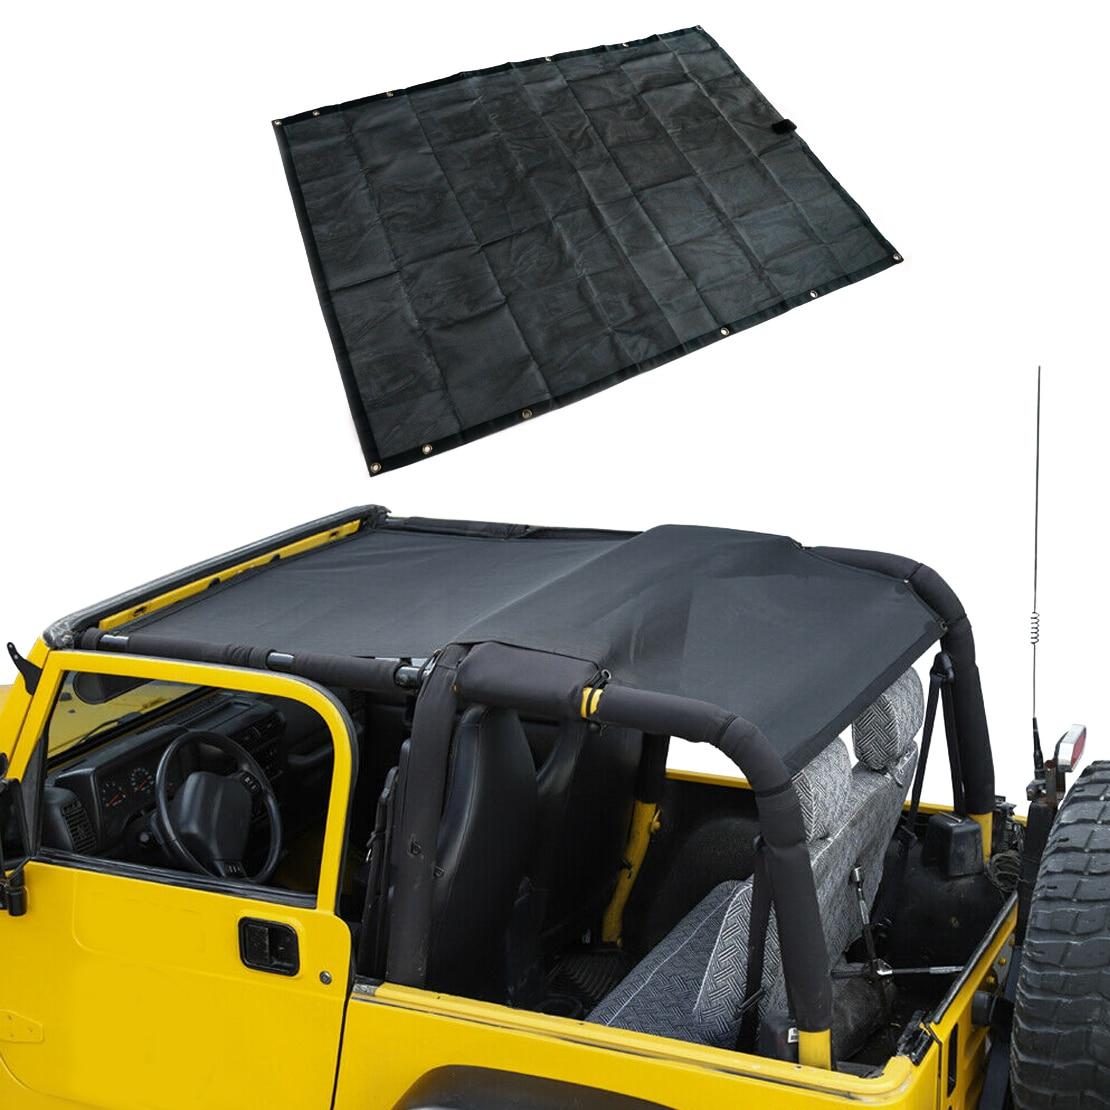 Parasol de malla negra, cubierta superior, protección solar UV, de PVC, apto para Jeep Wrangler TJ 1997 1998 1999 2000 2001 2002 2003 2004 2005 2006